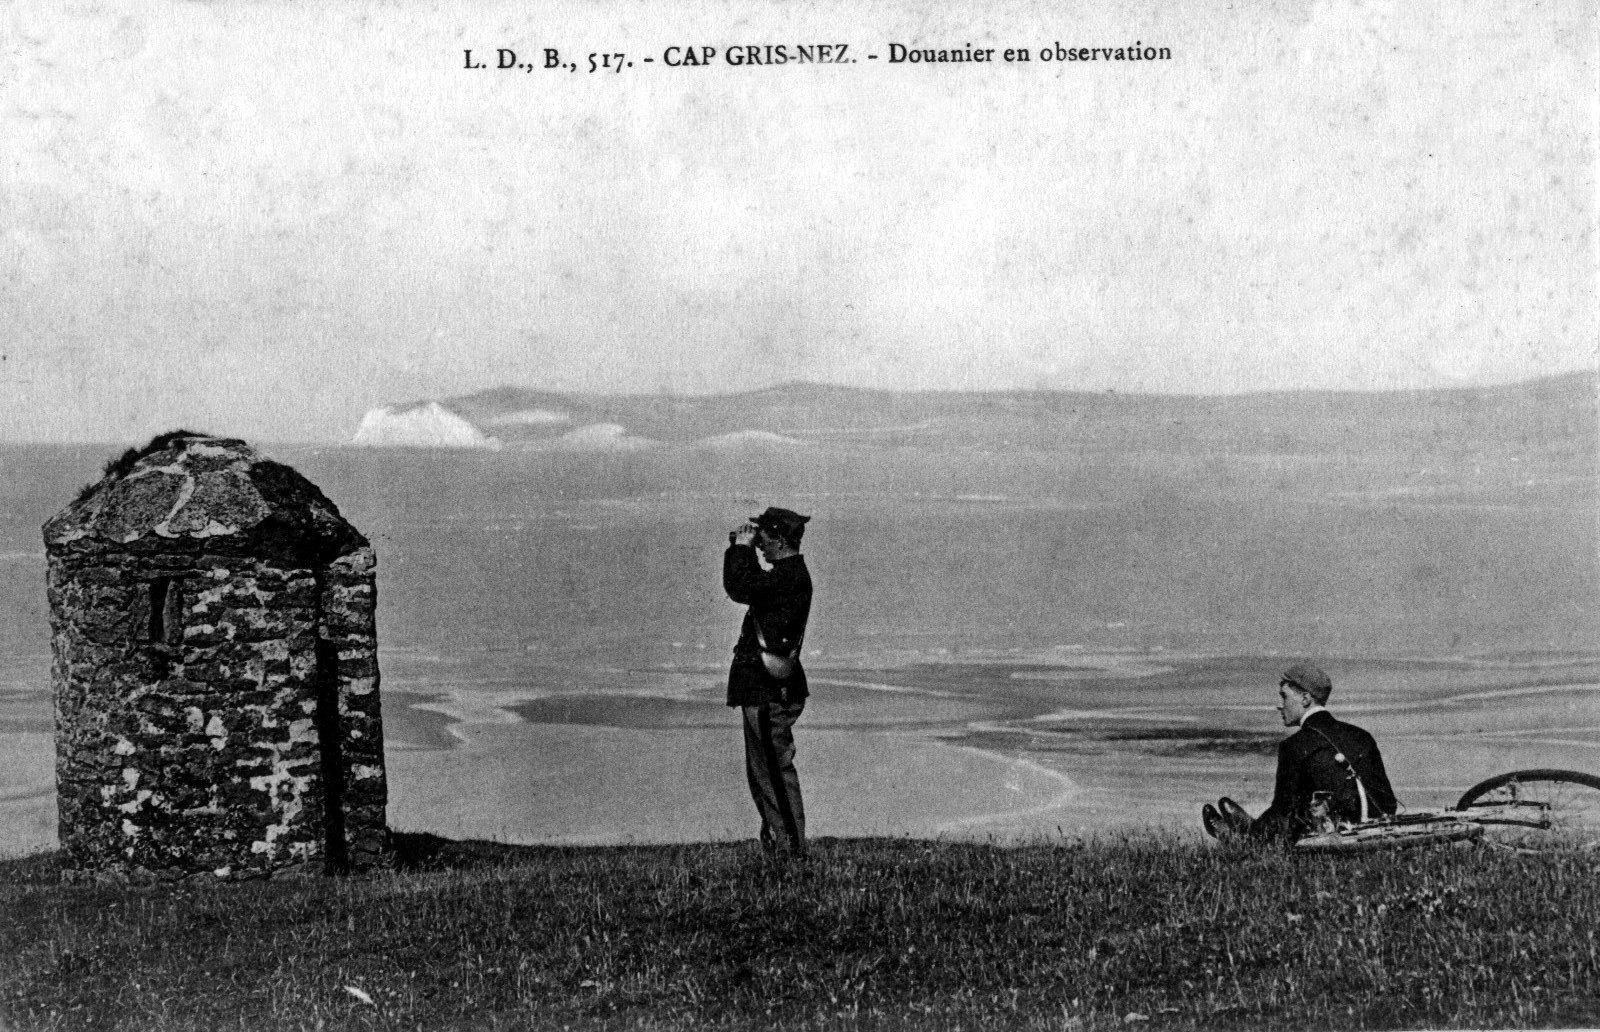 Douanier en observation au Cap Gris Nez